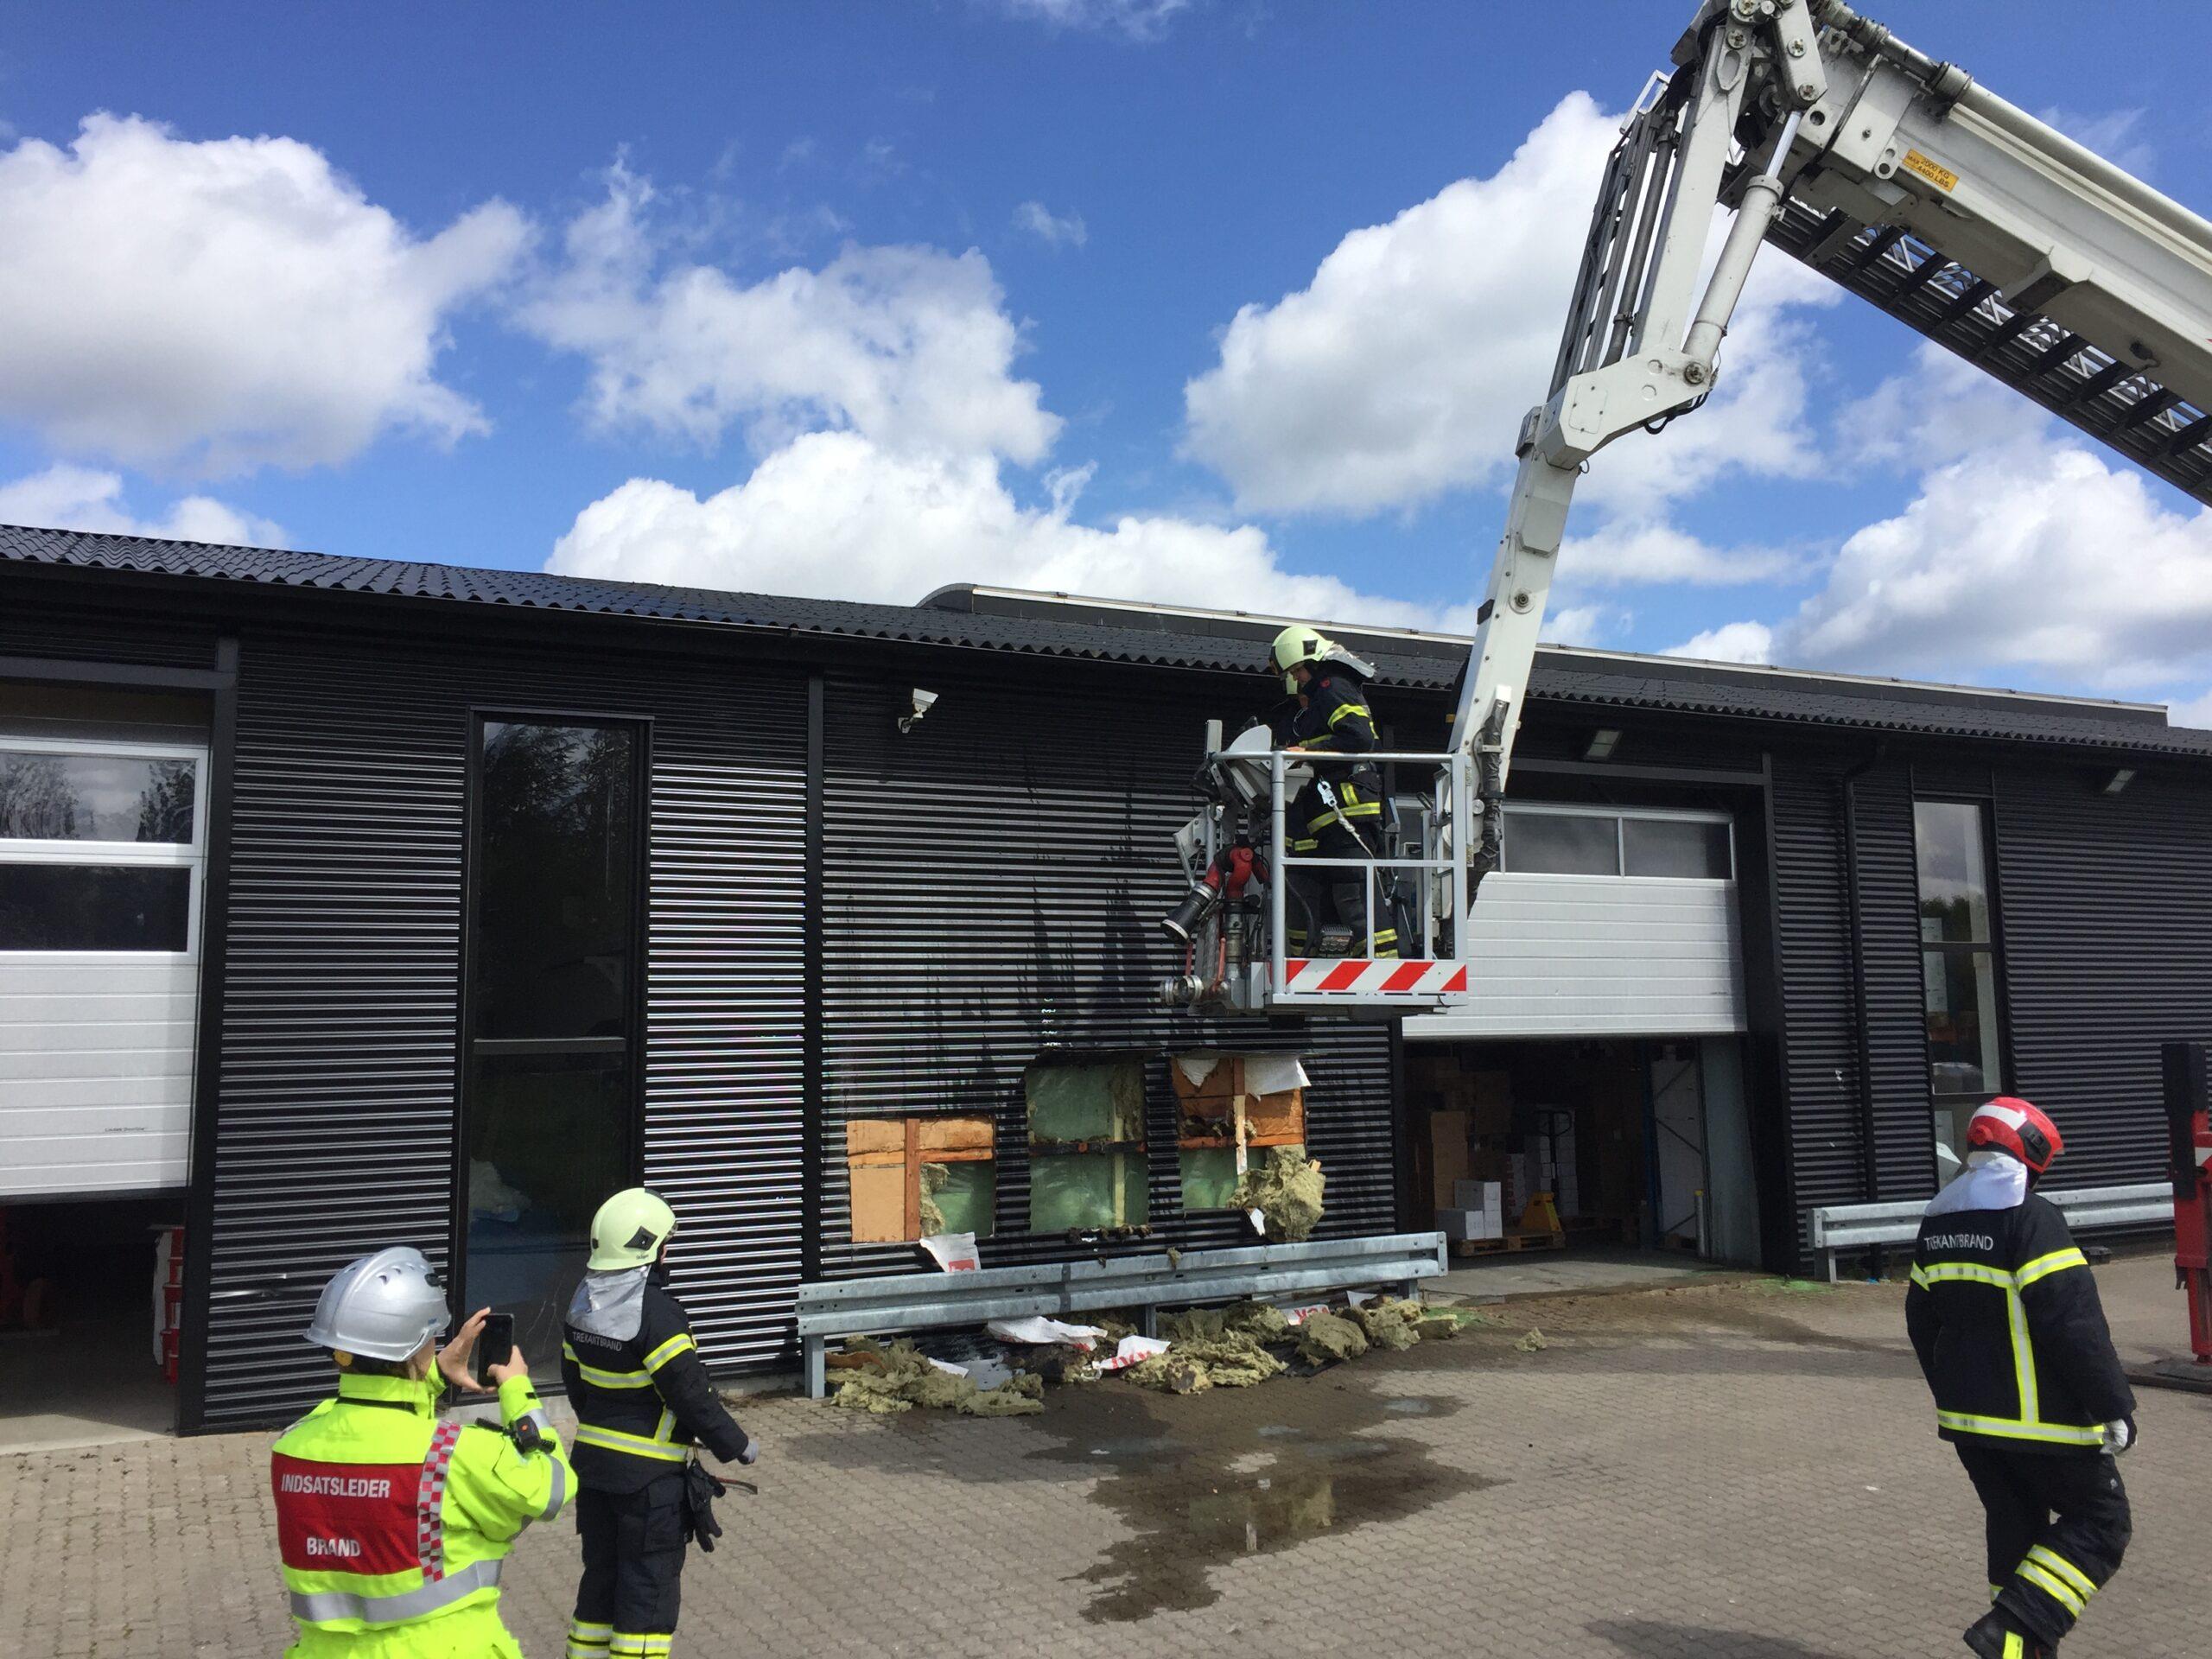 Ukrudtsbrænder skyld i brand i Erritsø